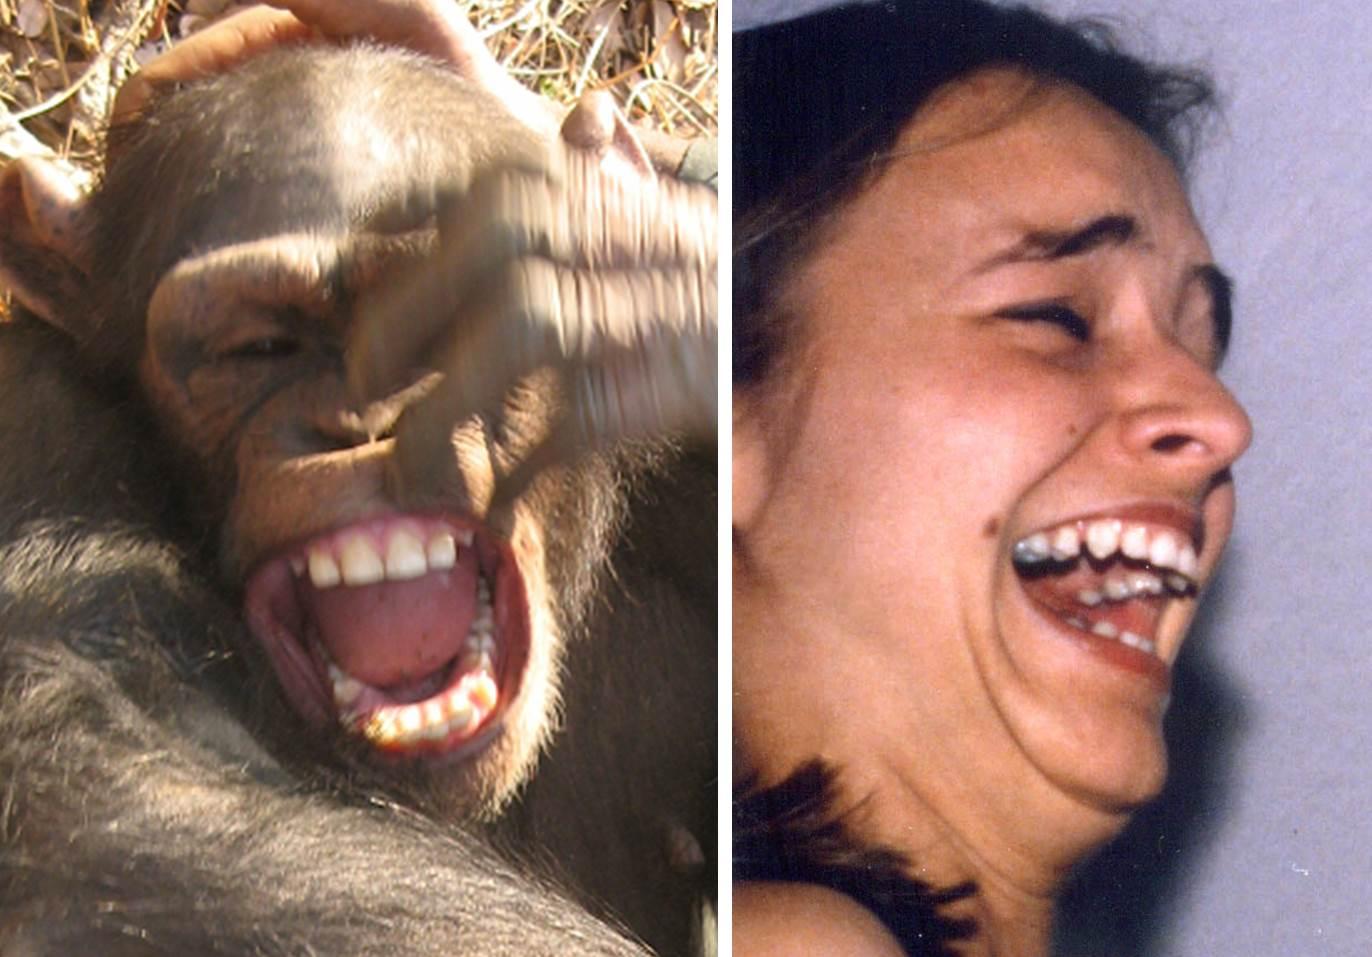 Un chimpancé y un humano, riendo. Fuente: Universidad de Portsmouth.